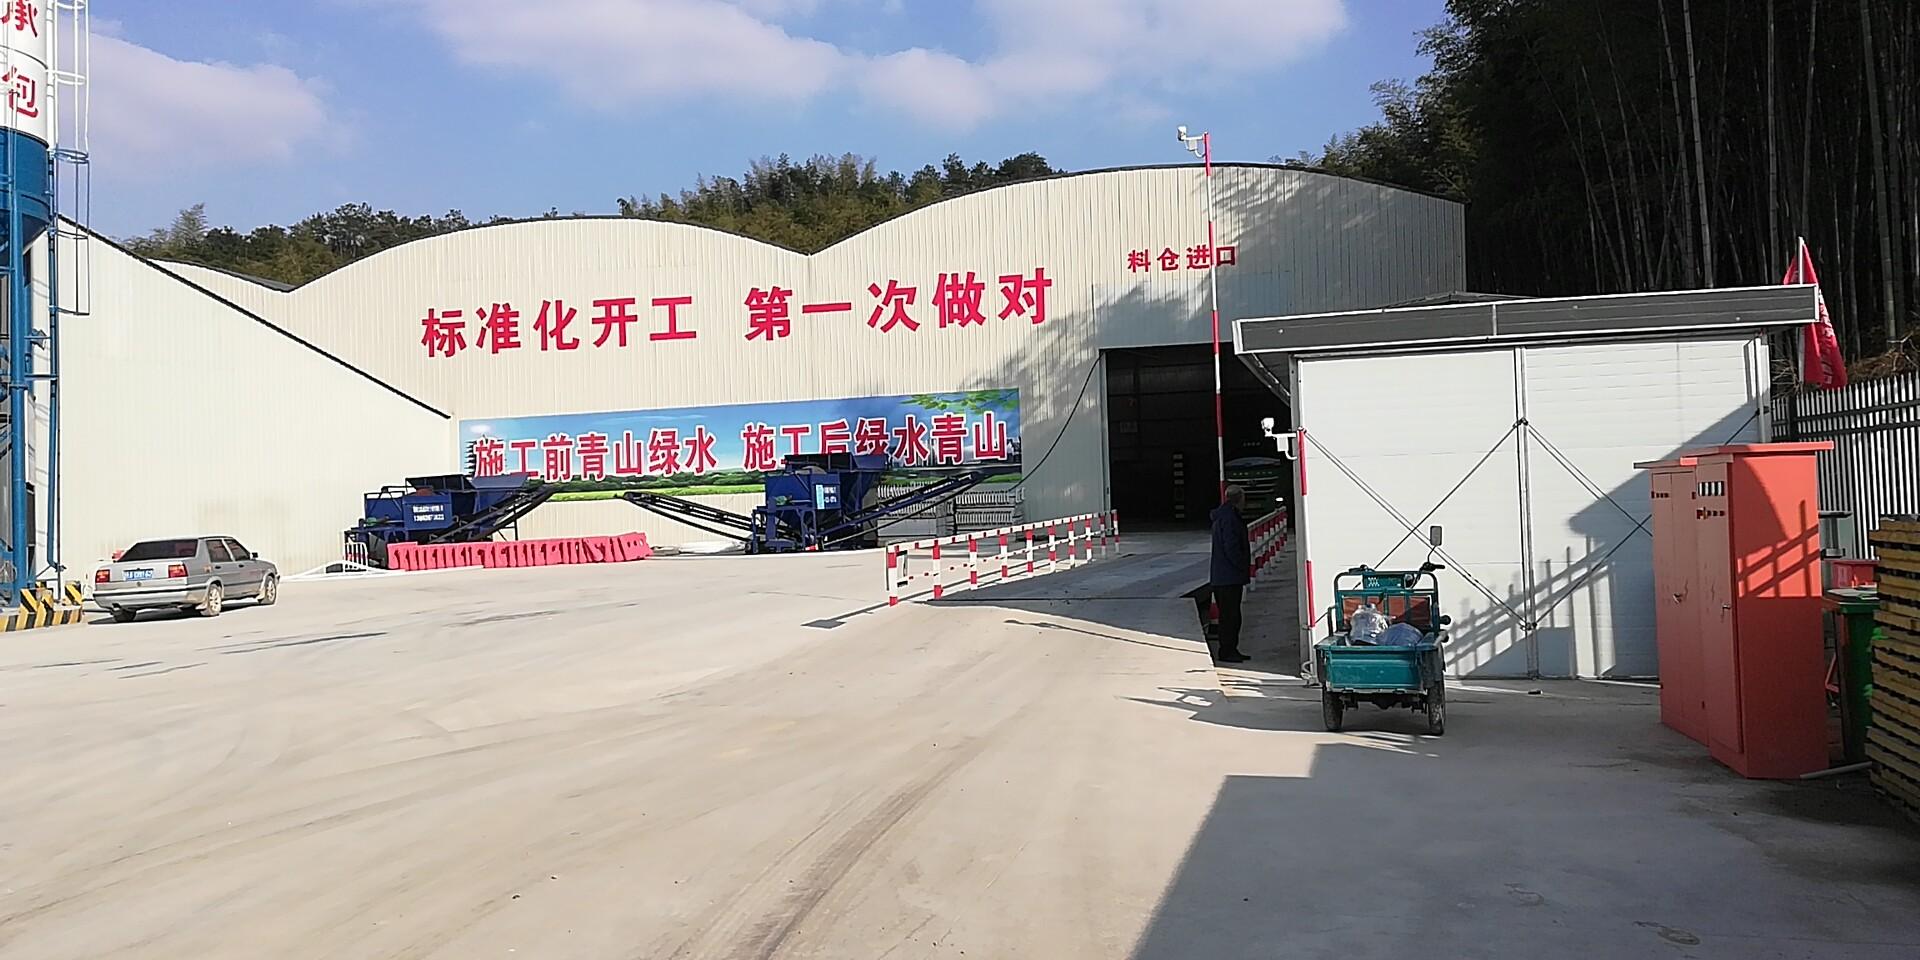 杭州经绍兴至台州铁路HSTZQ-2标一分部顾山隧道爆破工程